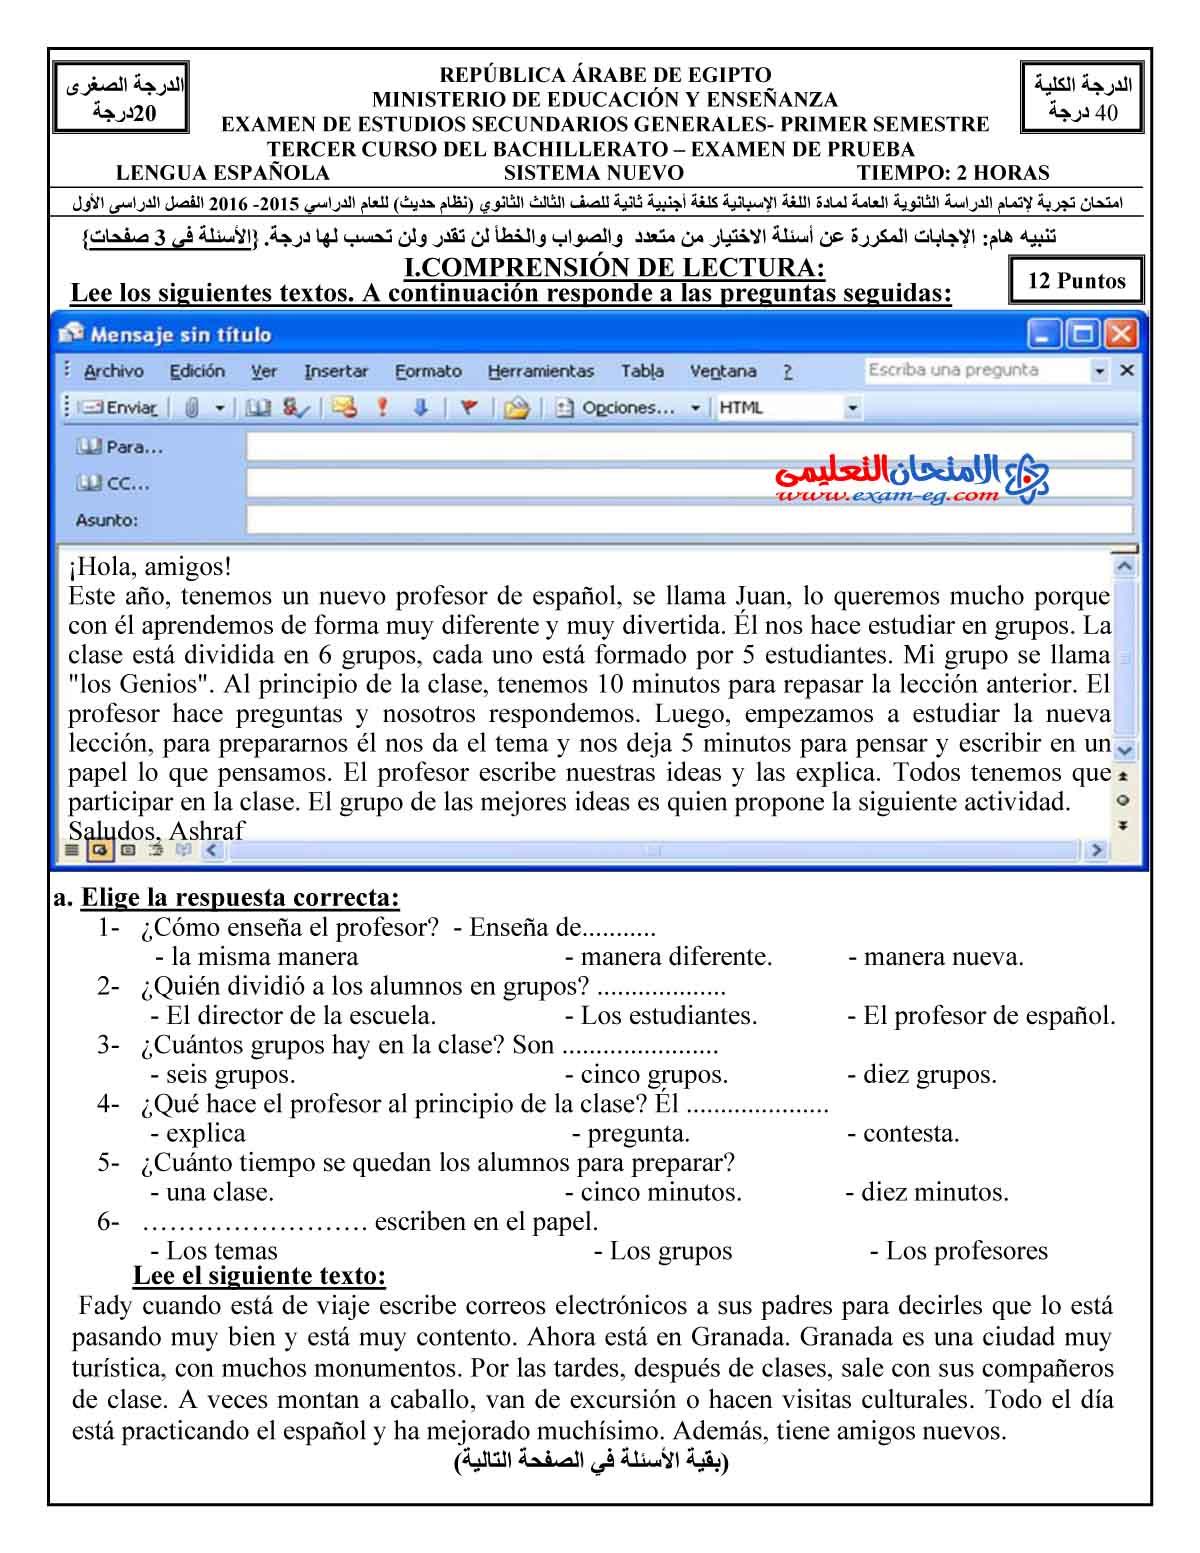 لغة اسبانية 3 - مدرسة اون لاين-1